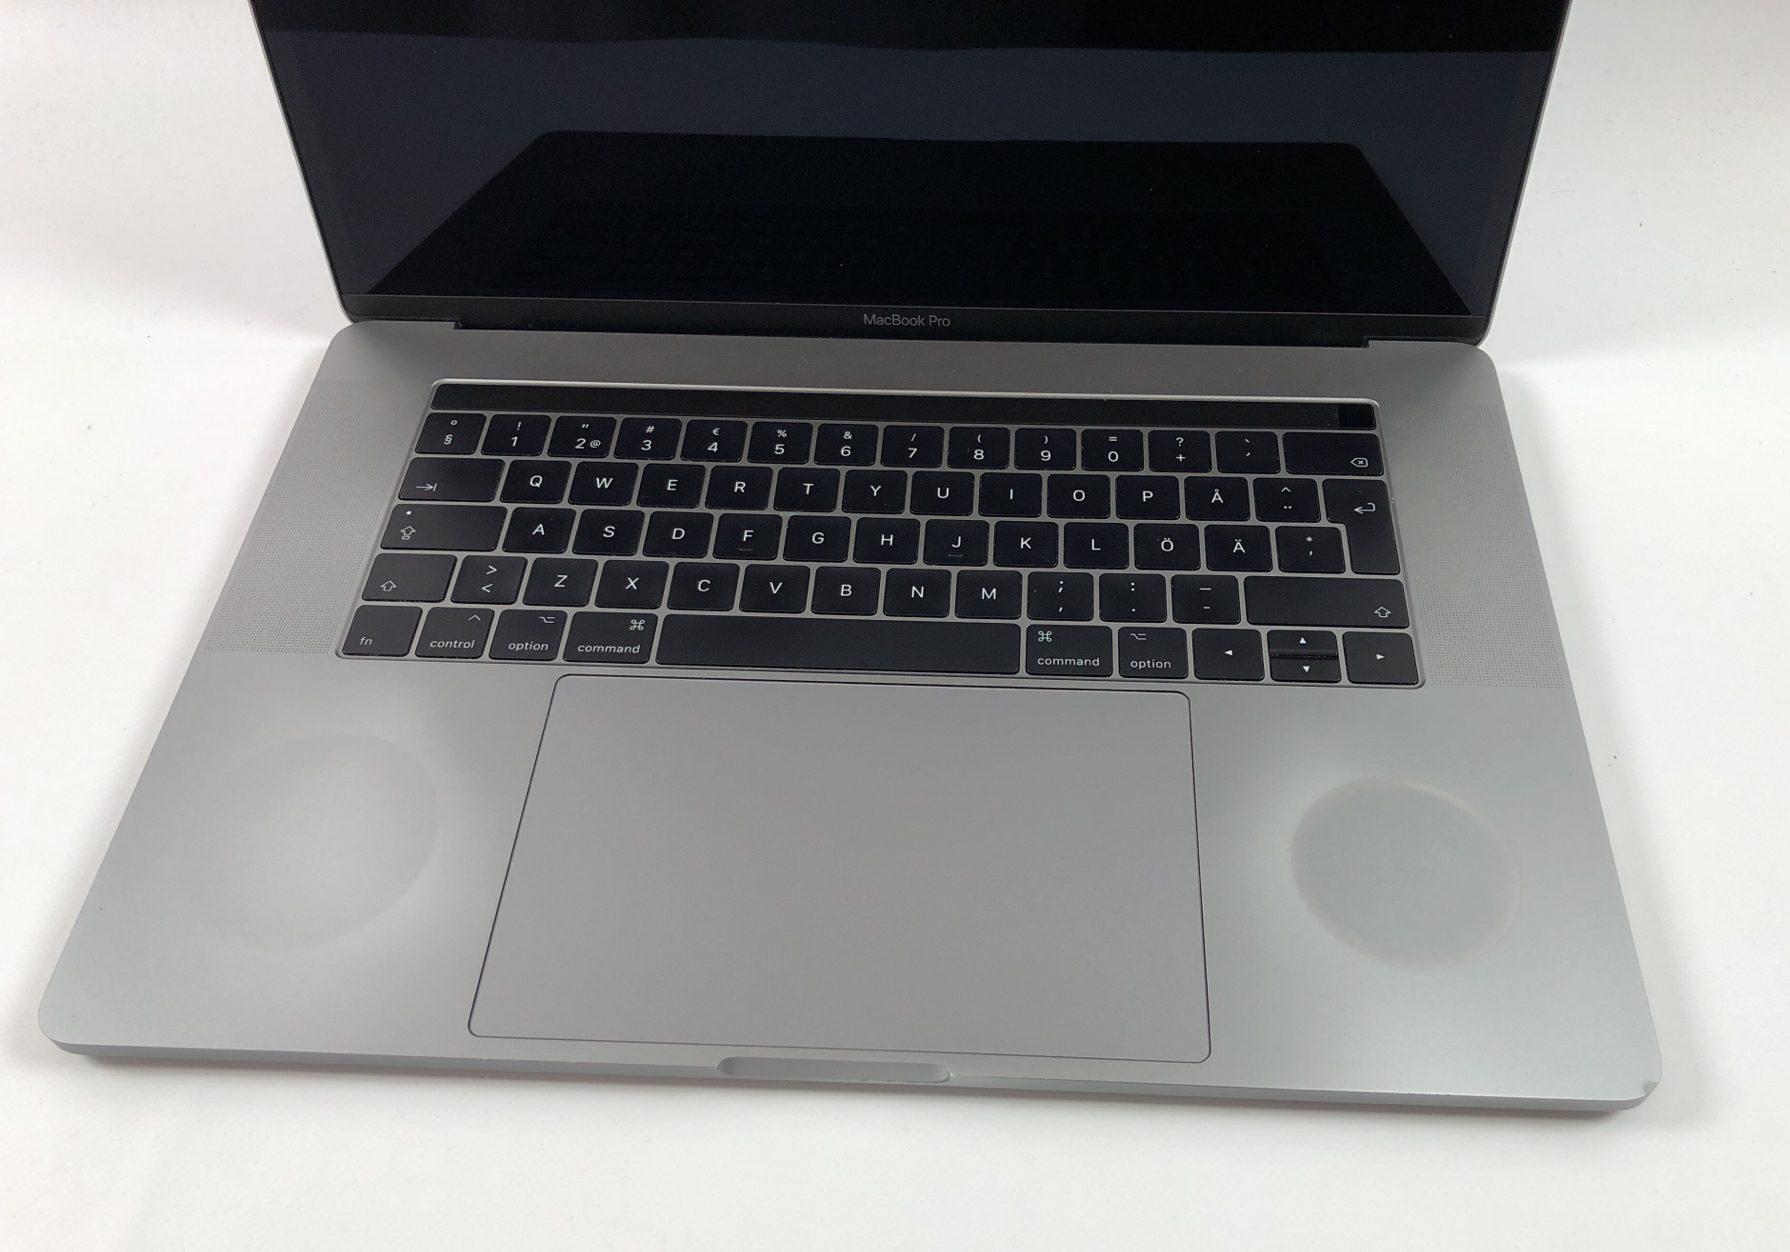 """MacBook Pro 15"""" Touch Bar Mid 2017 (Intel Quad-Core i7 2.9 GHz 16 GB RAM 512 GB SSD), Space Gray, Intel Quad-Core i7 2.9 GHz, 16 GB RAM, 512 GB SSD, Kuva 3"""